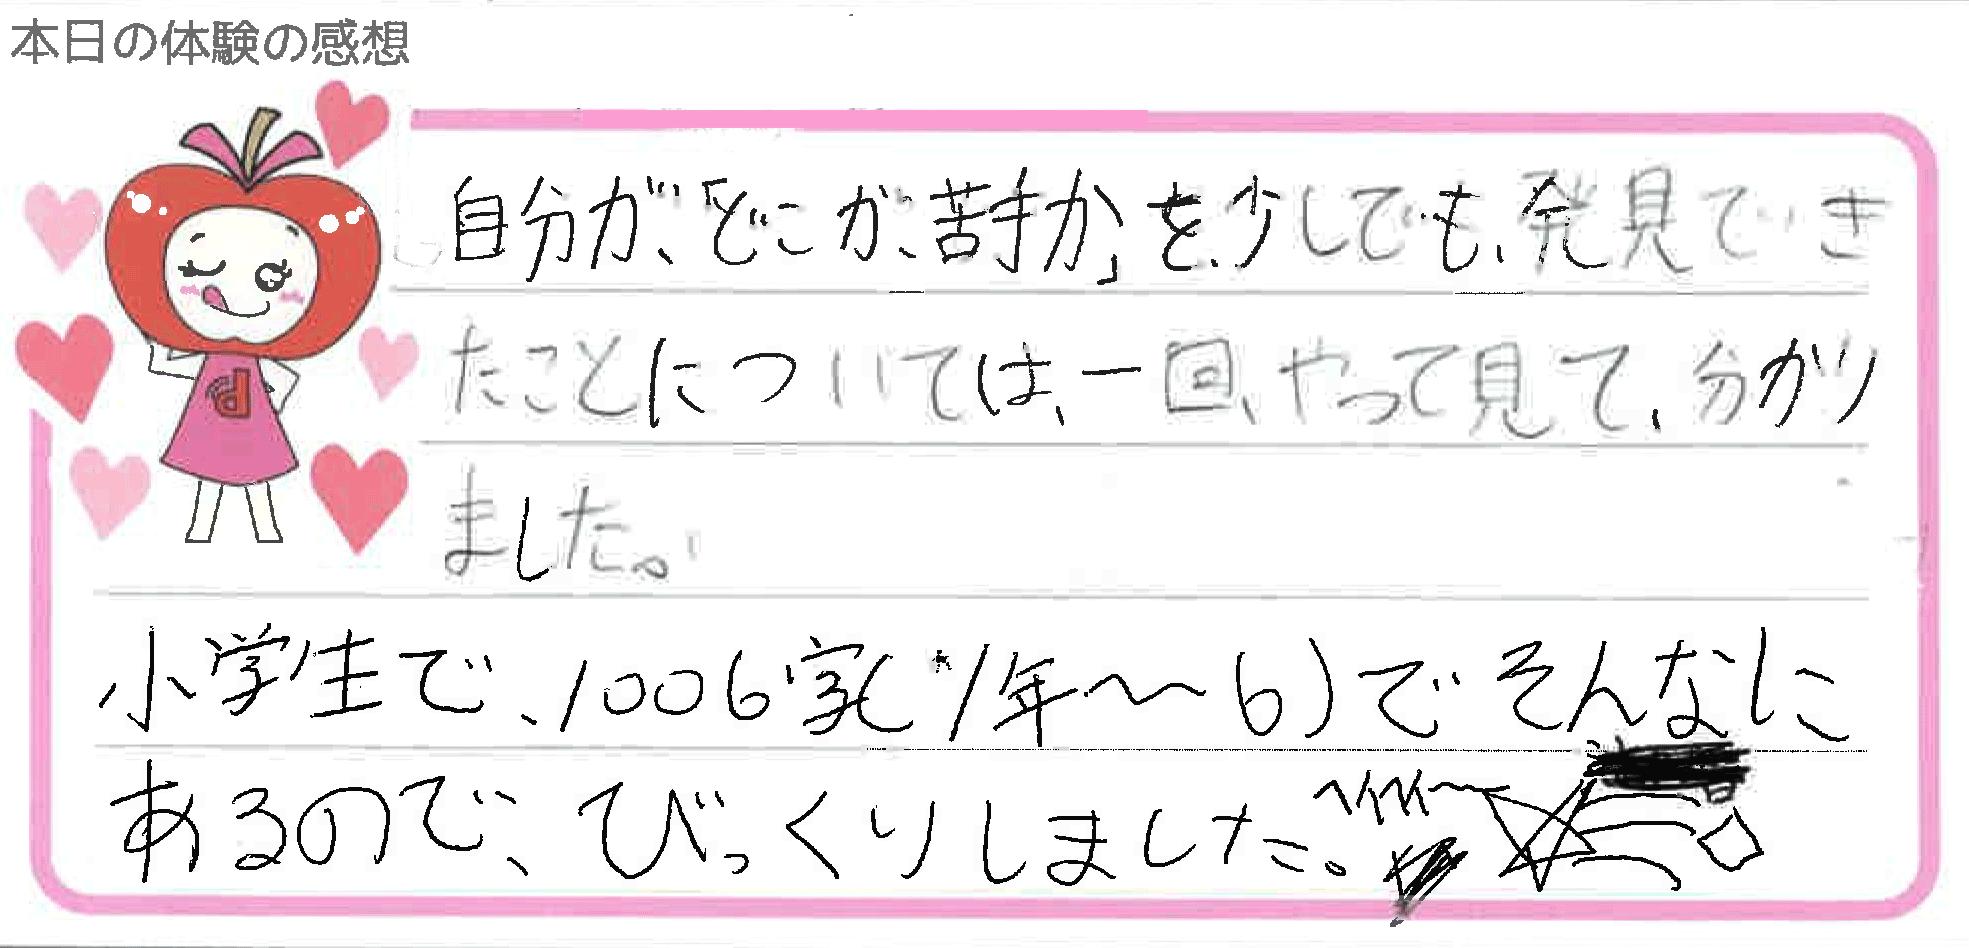 Tちゃん(勝山市)からの口コミ